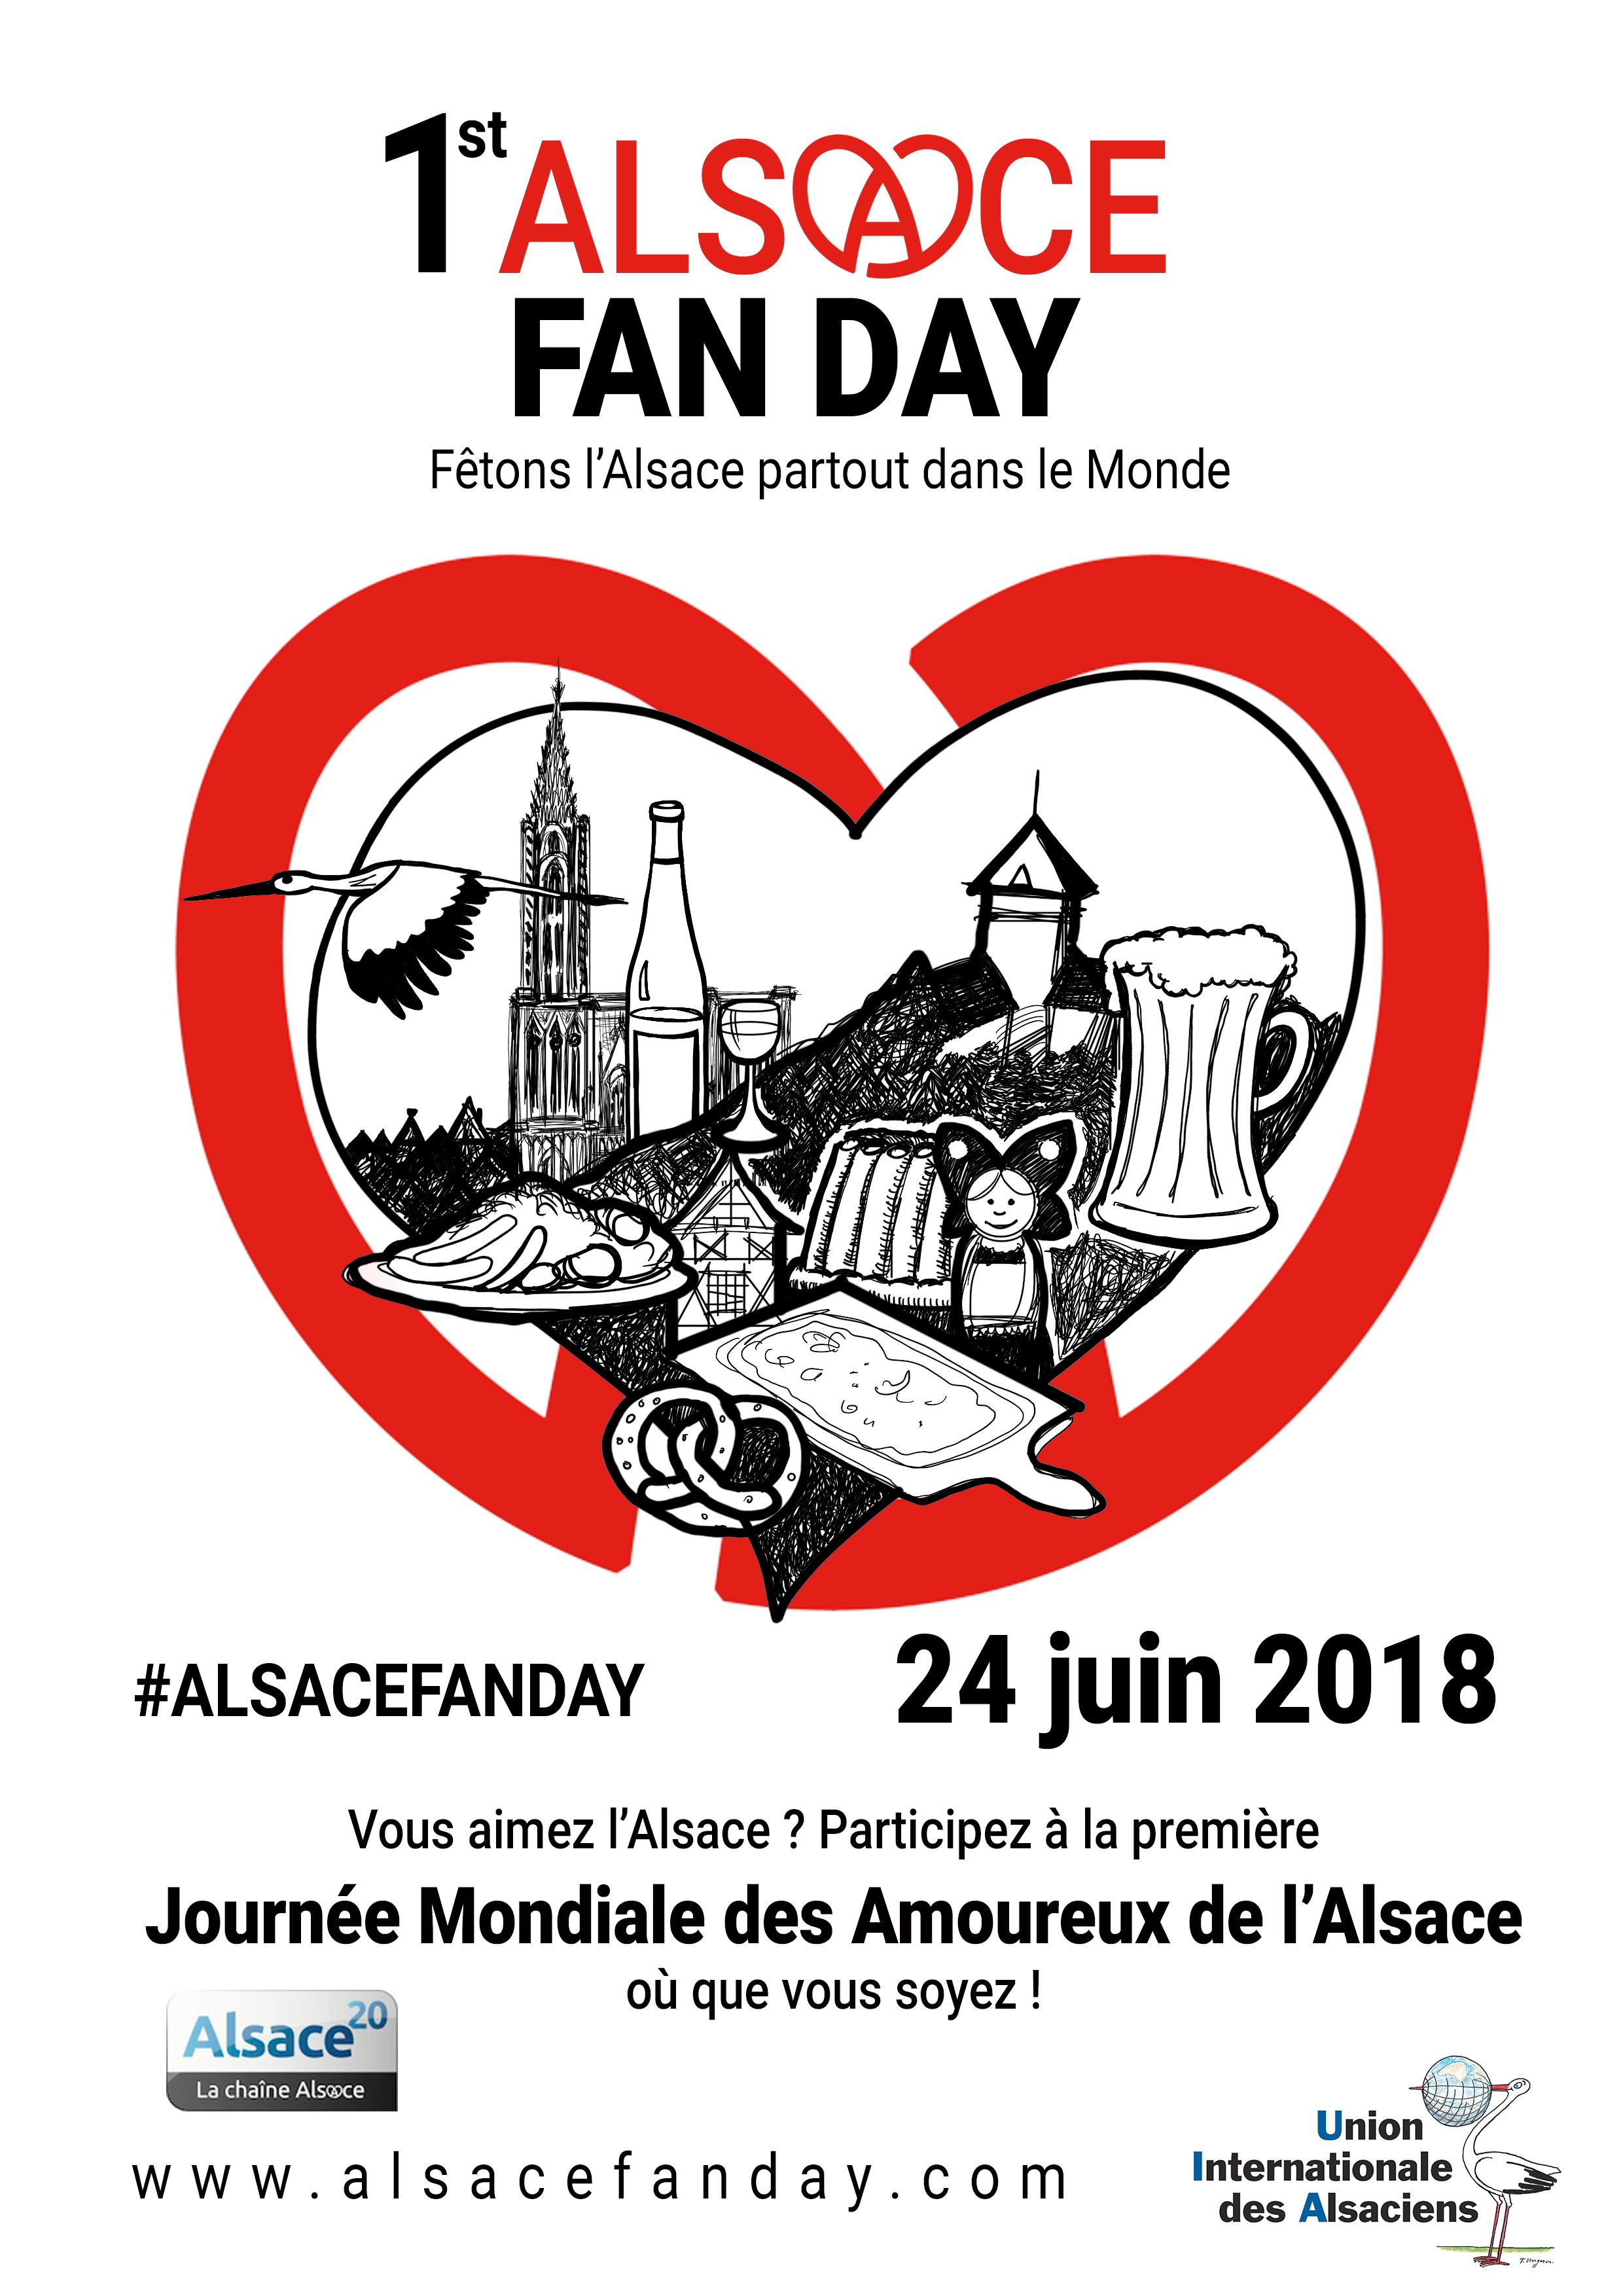 24 juin 2018 : 1st Alsace Fan Day – 1ère Journée Mondiale des Amoureux de l'Alsace